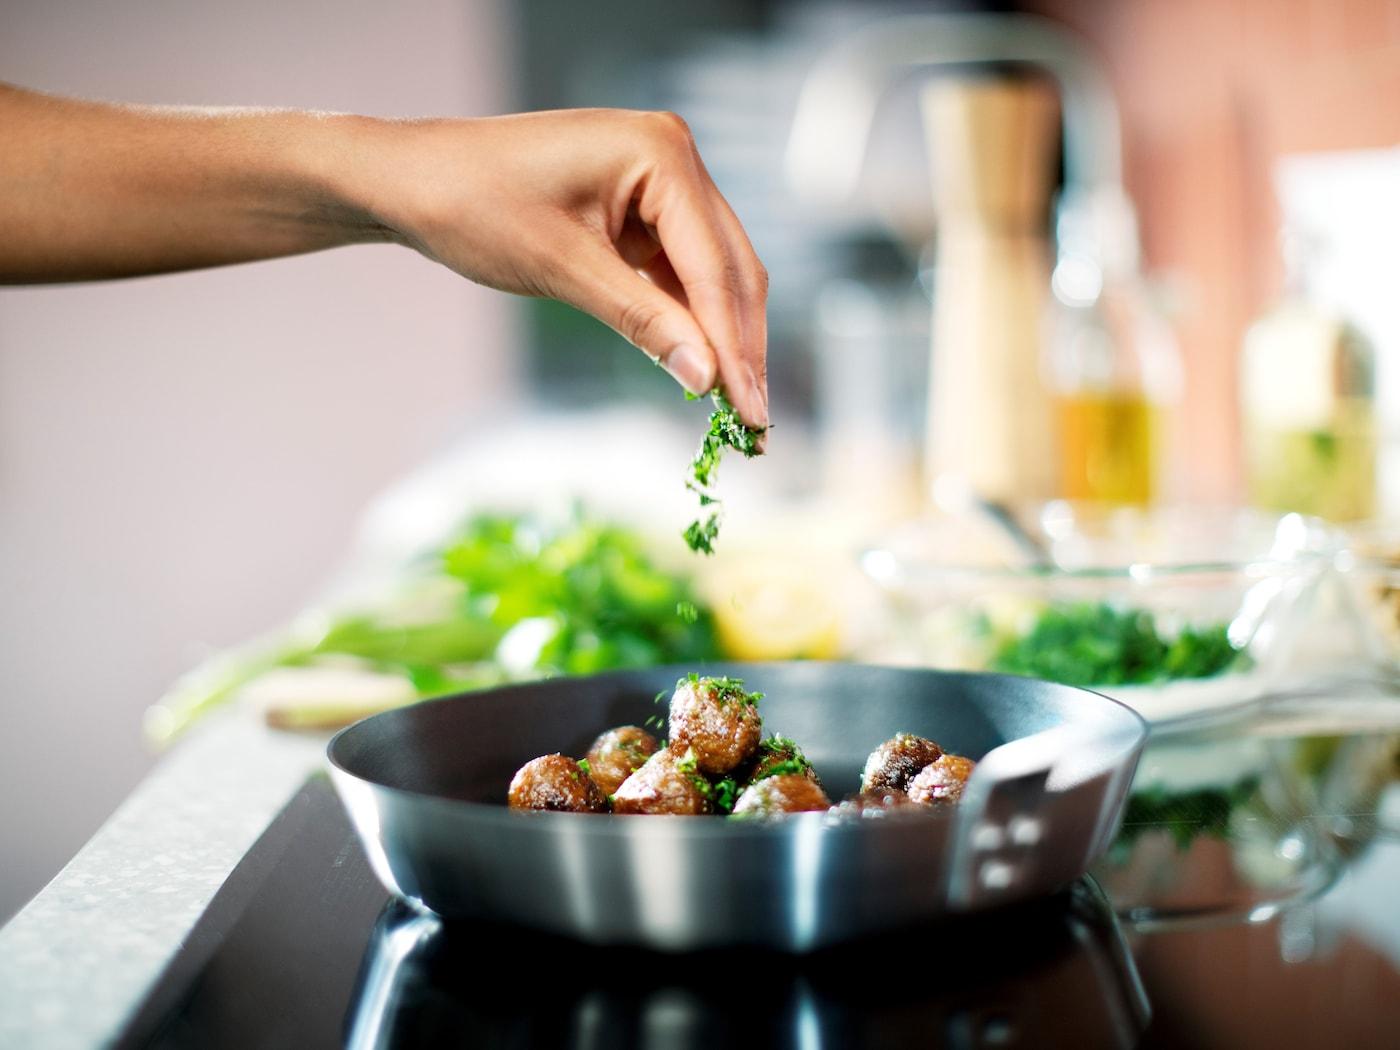 Une main assaisonnant des boulettes végétales HUVUDROLL dans une poêle à frire IKEA 365+.